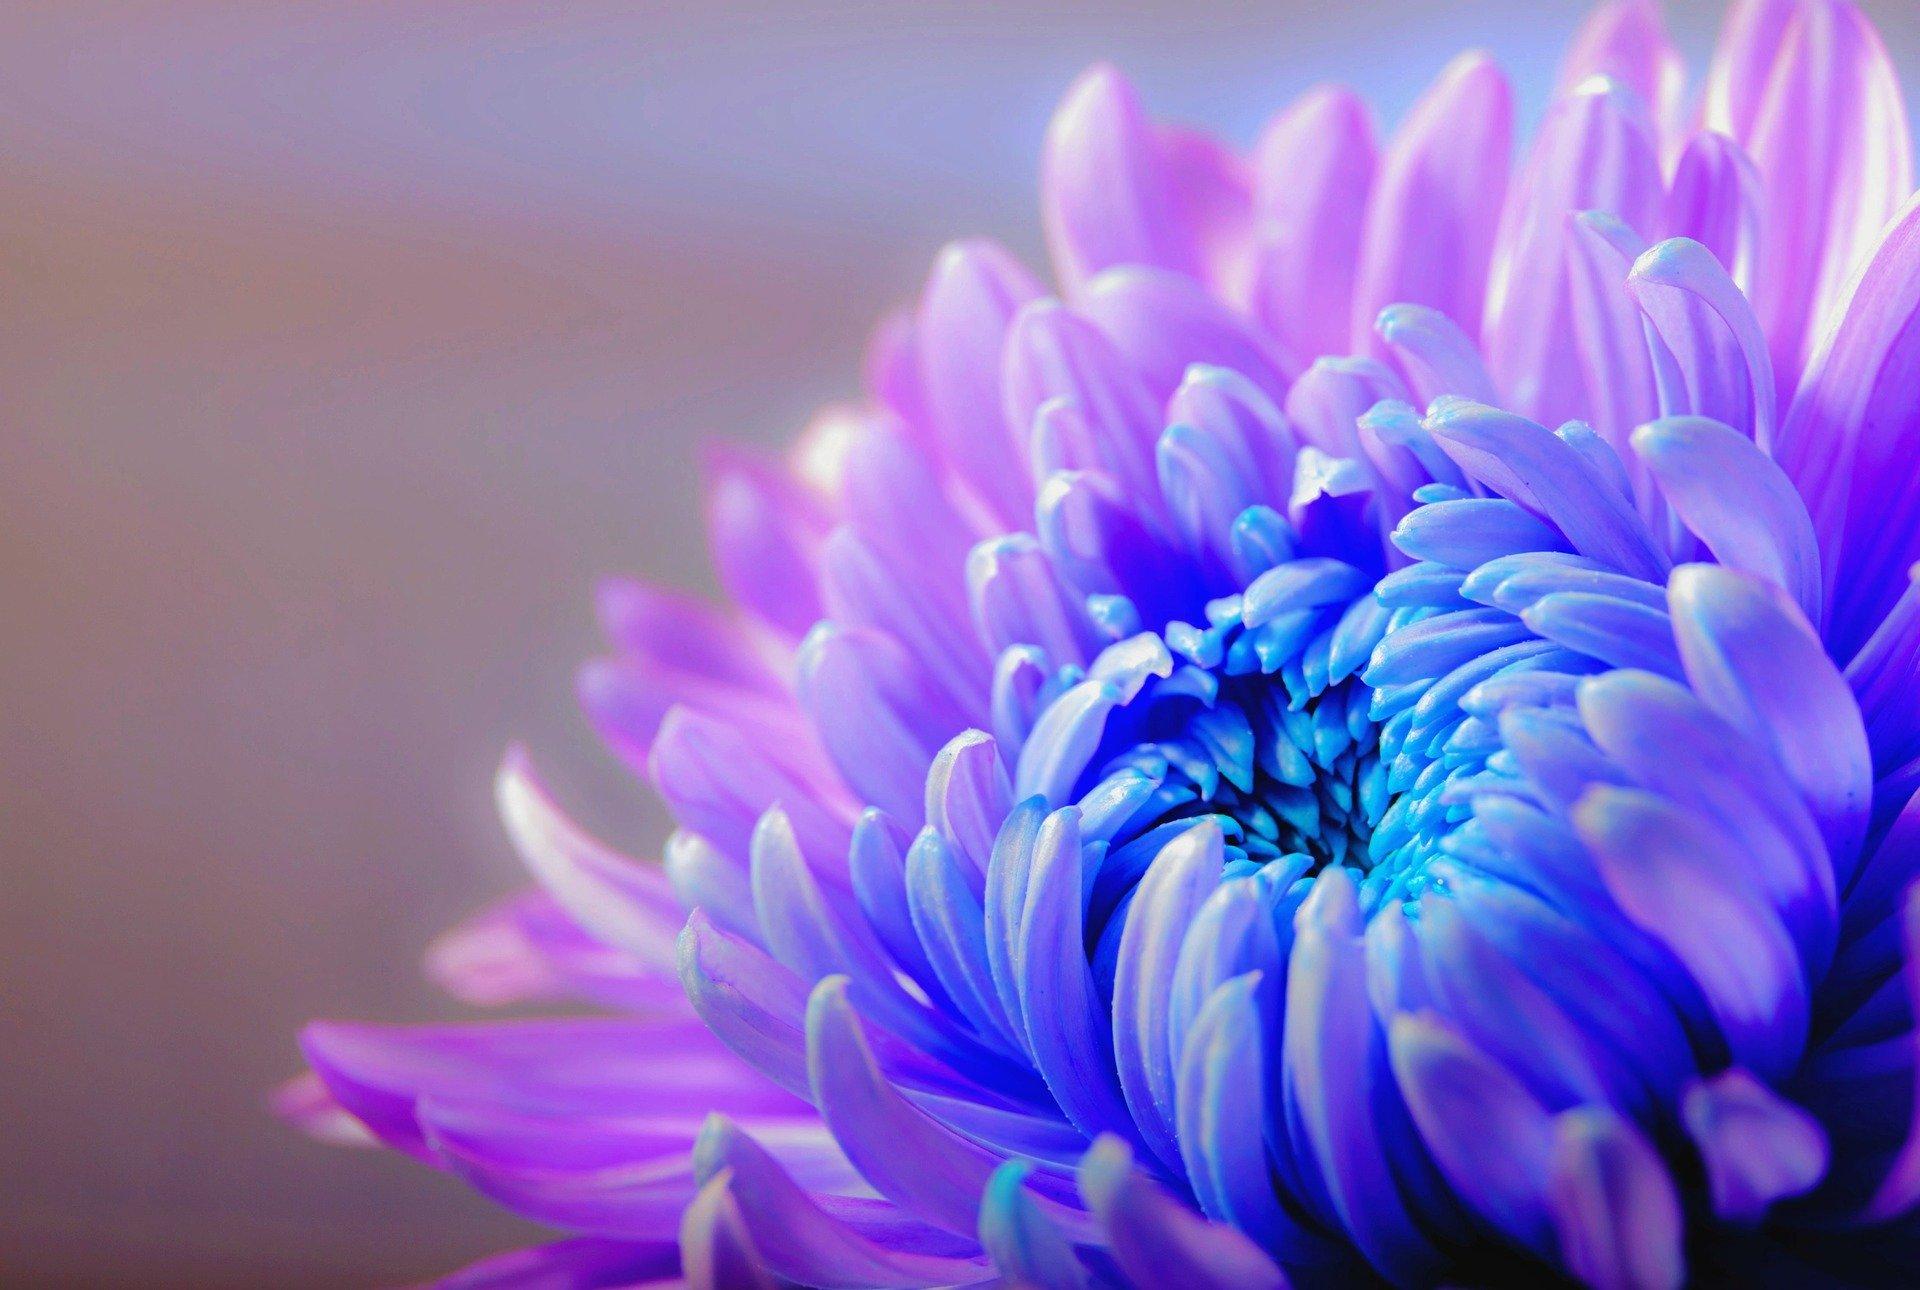 chrysanthemum-1332994_1920 (1)